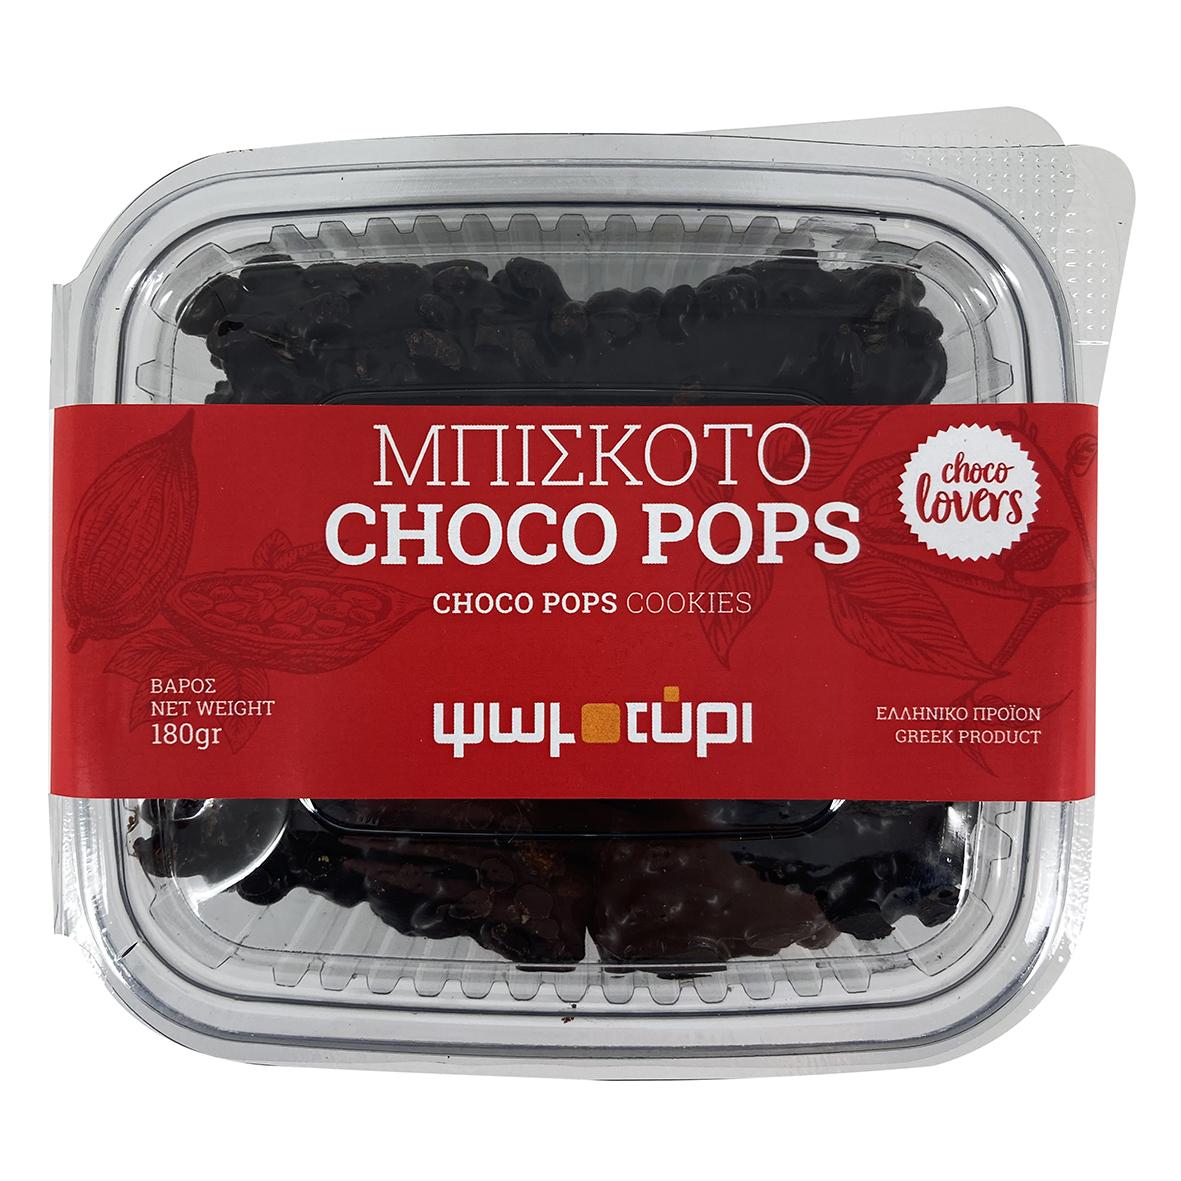 Μπισκότα  Choco pops